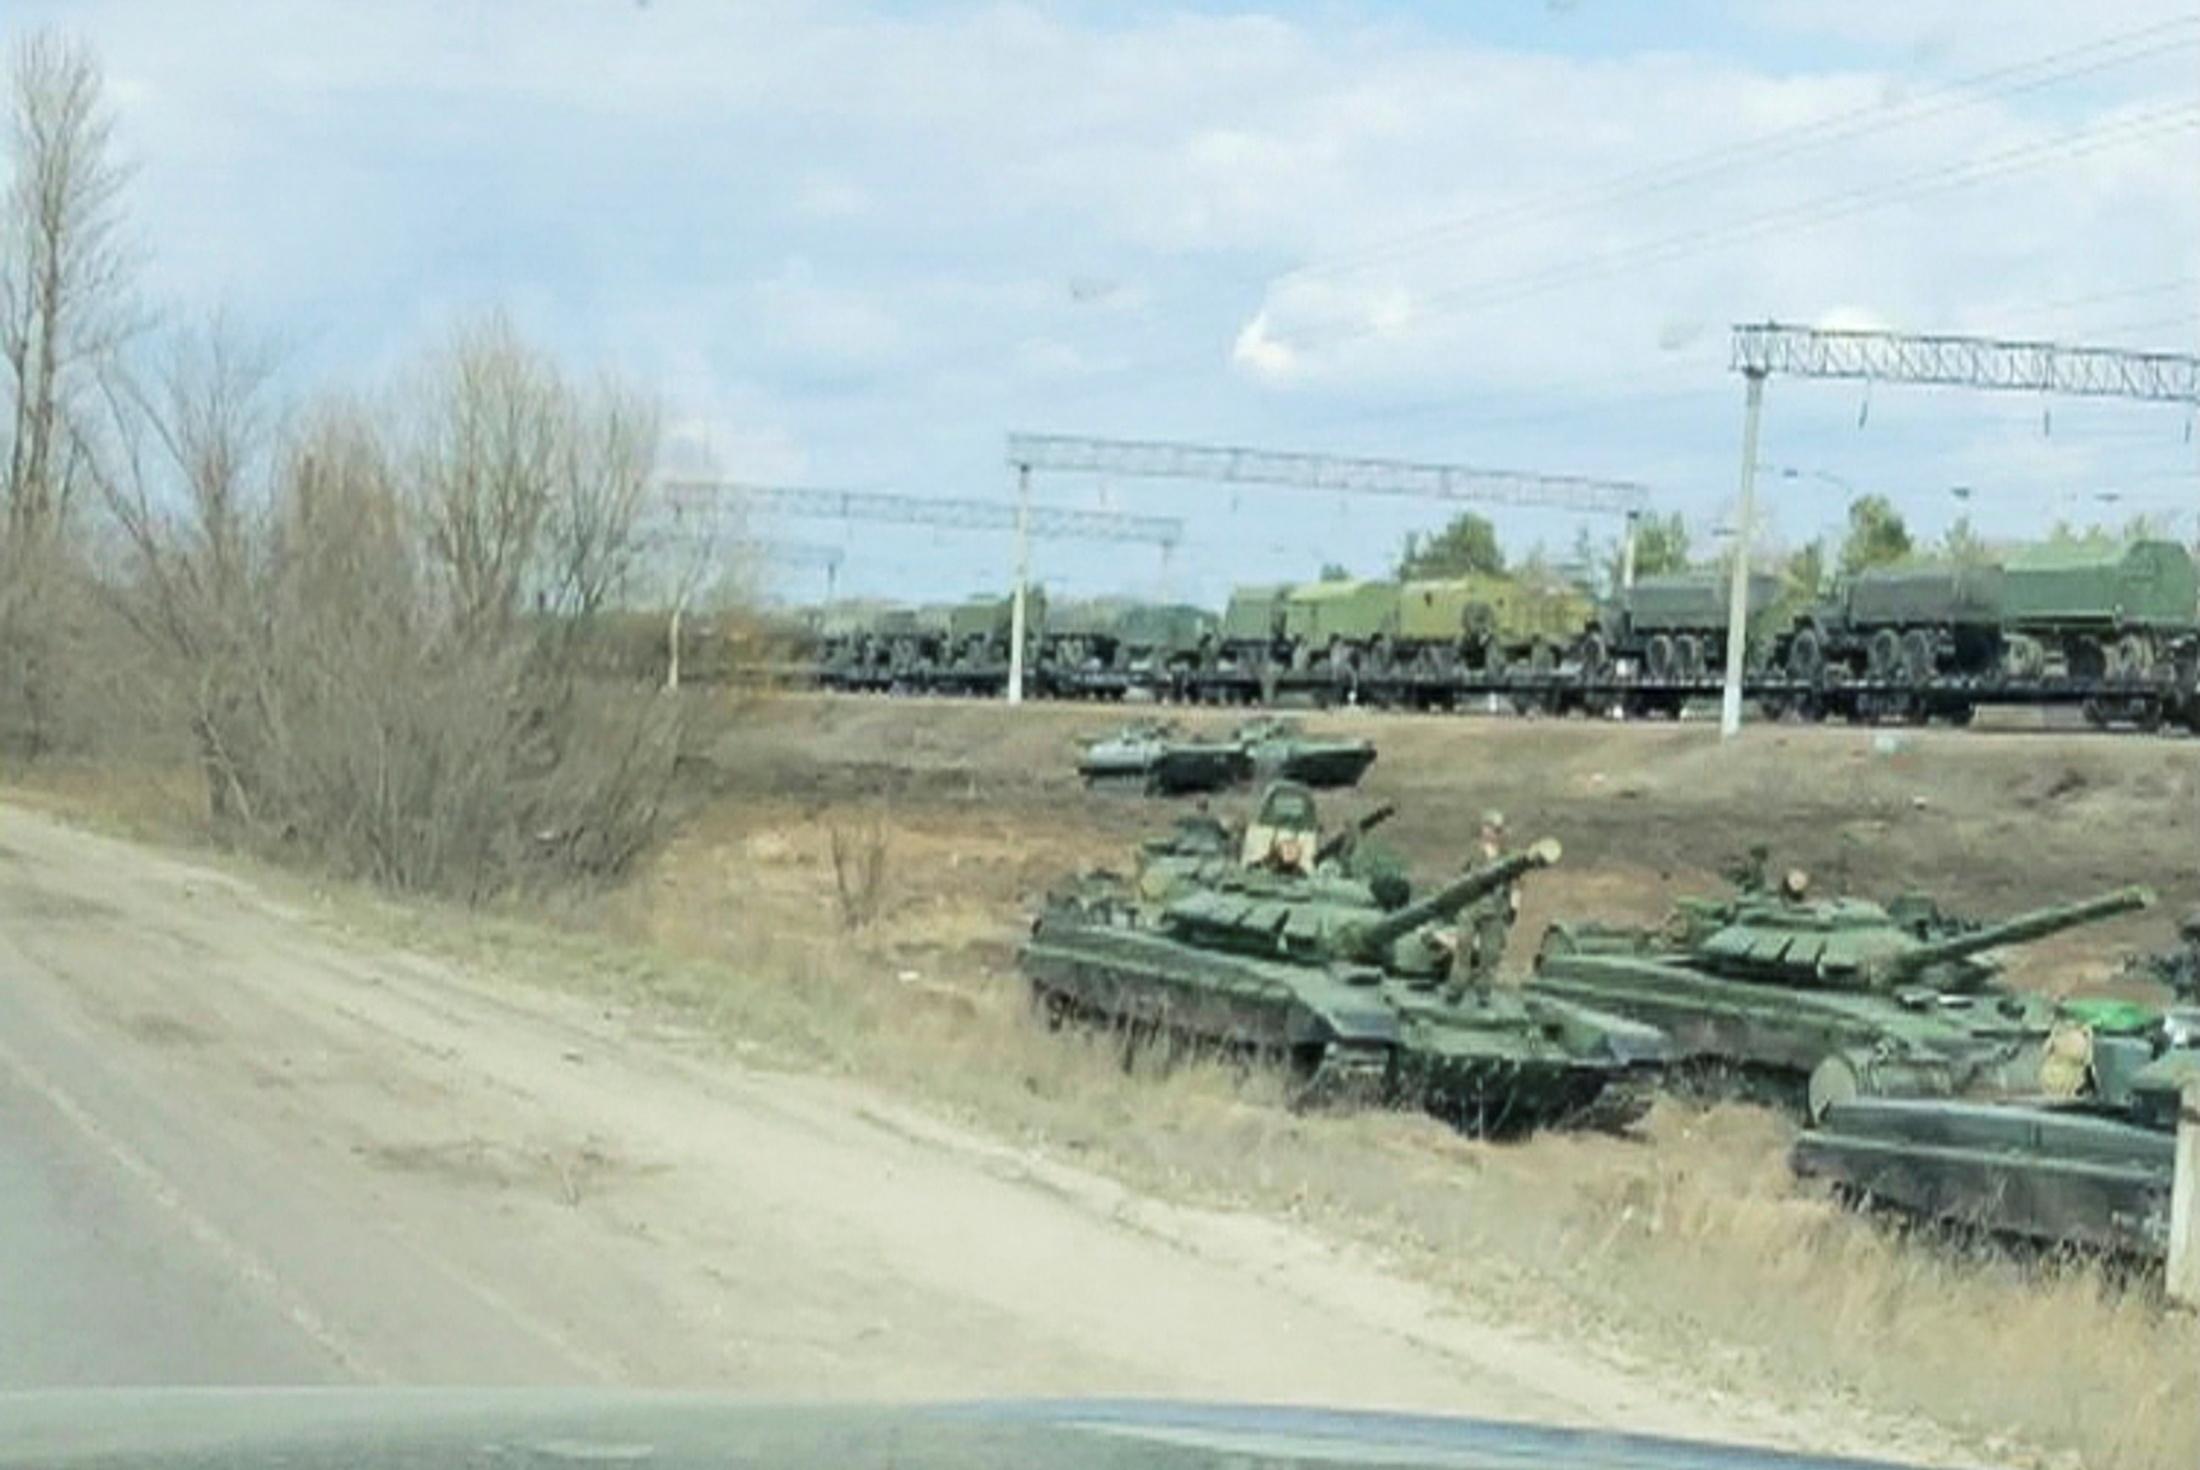 Ρωσία – Ουκρανία: Κινήσεις εκτόνωσης στα σύνορα – Αποχωρούν τα ρωσικά στρατεύματα